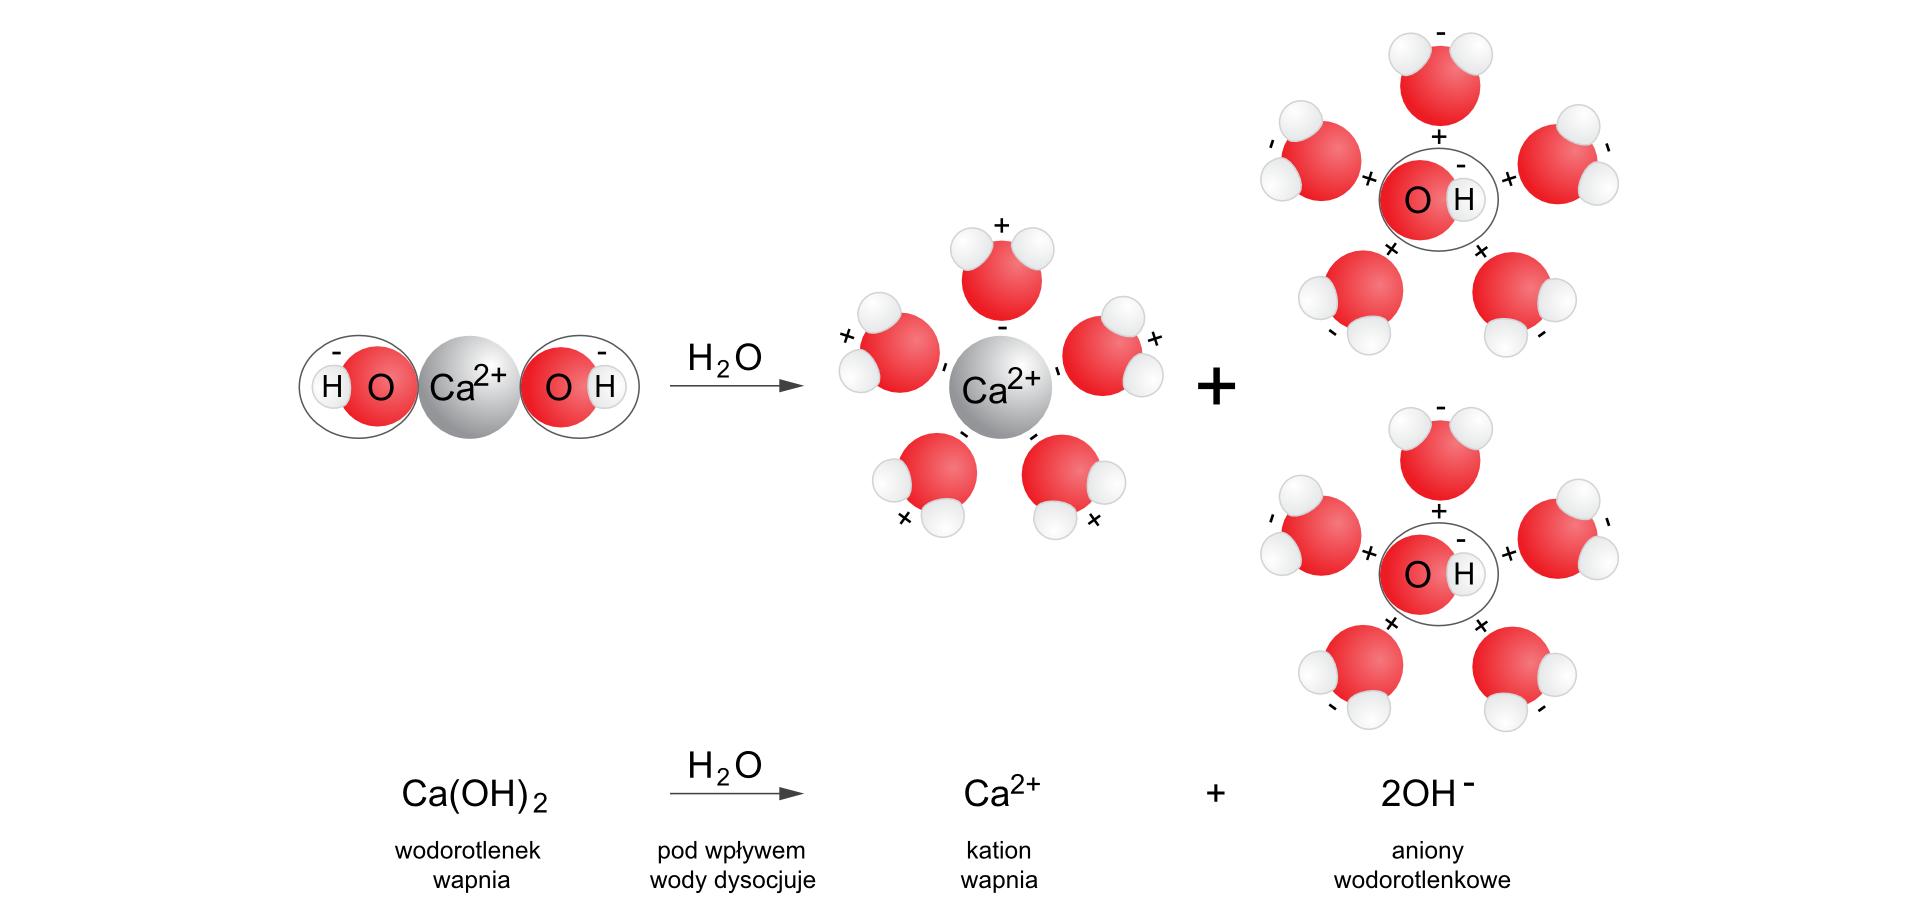 Ilustracja przedstawia proces dysocjacji elektrolitycznej wodorotlenku wapnia. Wdolnej części zapis sumaryczny reakcji rozbijania wodorotlenku wapnia Ca OH dwa razy wzięte na jon Ca dwa plus oraz dwa jony OH minus pod wpływem wody. Zapisowi towarzyszy opis słowny. Ponad równaniem znajduje się ilustracja wpostaci zapisu modelowego. Przedstawia model cząsteczki wodorotlenku wapnia, wktórym duża szara kula opisana jako Ca dwa plus połączona jest po obu bokach zukładami OH minus, gdzie tlen przedstawia średnia kula czerwona, awodór mała kula biała. Następnie, po prawej stronie strzałki reakcji znapisem H2O znajdują się trzy układy zbudowane zjonów oraz otaczających każdy jon sześciu cząsteczek wody. Pojedynczy kation Ca dwa plus otaczają cząsteczki zwrócone stroną naładowaną dodatnie na zewnątrz układu, adwa aniony OH minus otaczają cząsteczki zwrócone stroną naładowaną dodatnie do wnętrza układu.